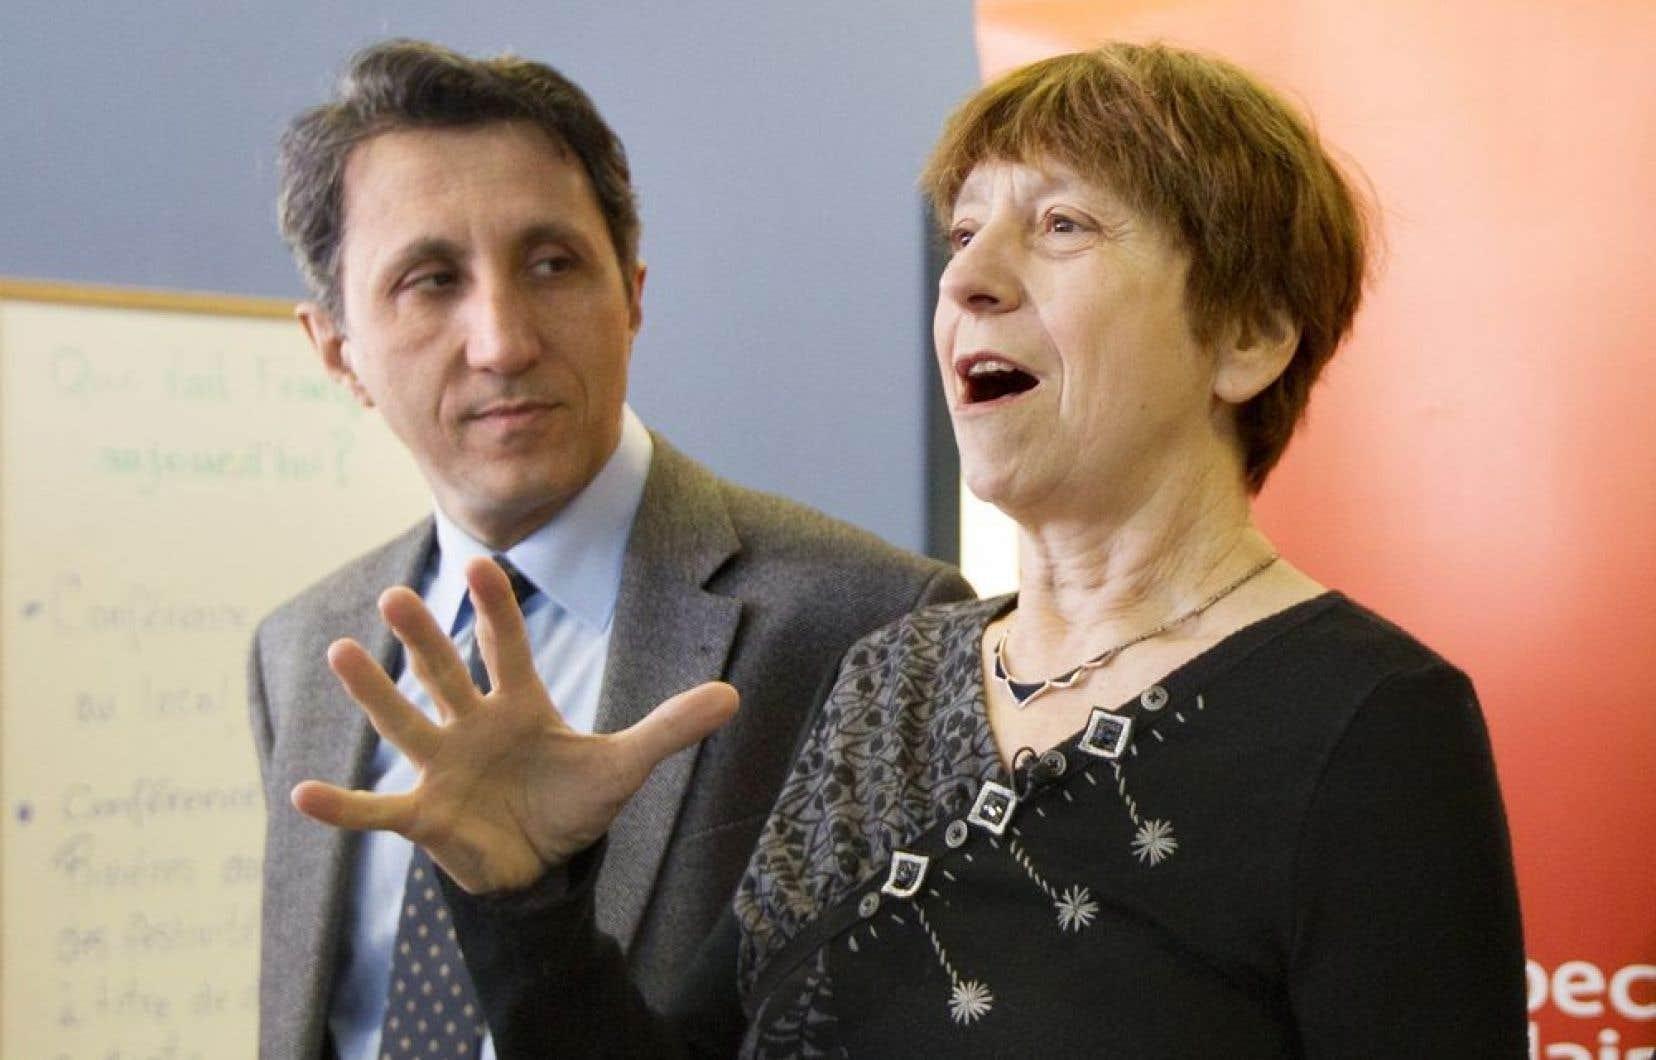 Françoise David a soutenu dimanche que le Parti québécois affichait désormais ses vraies couleurs en enrôlant l'ancien dirigeant de l'empire Québecor.